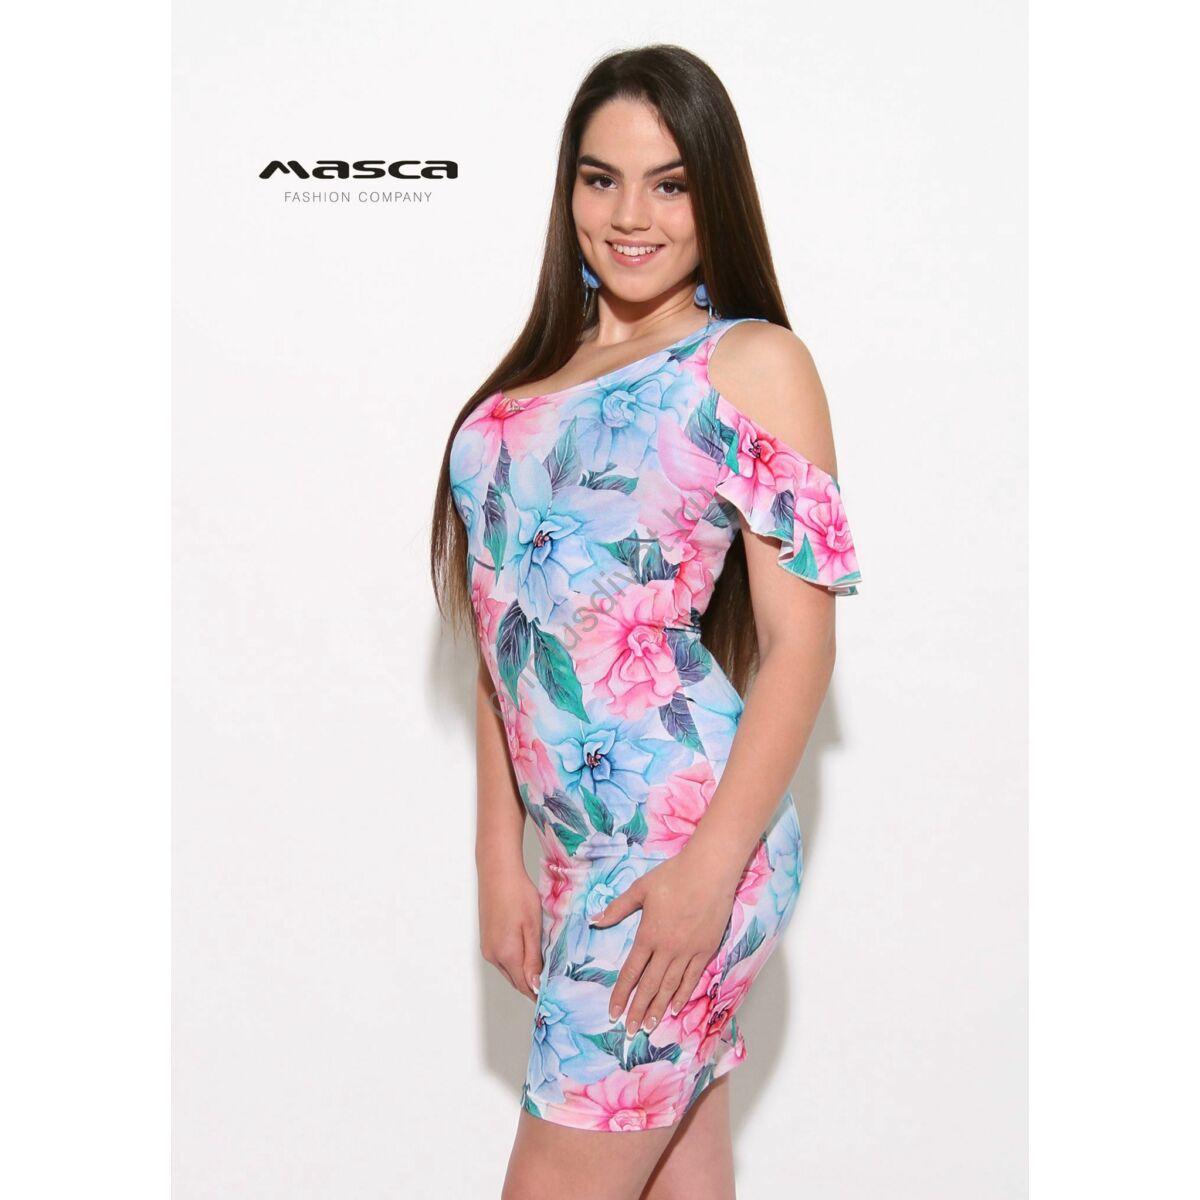 4479a64d0d9d Kép 1/1 - Masca Fashion nyitott vállú, fodros rövid lepke ujjú pasztell  virágmintás szűk miniruha